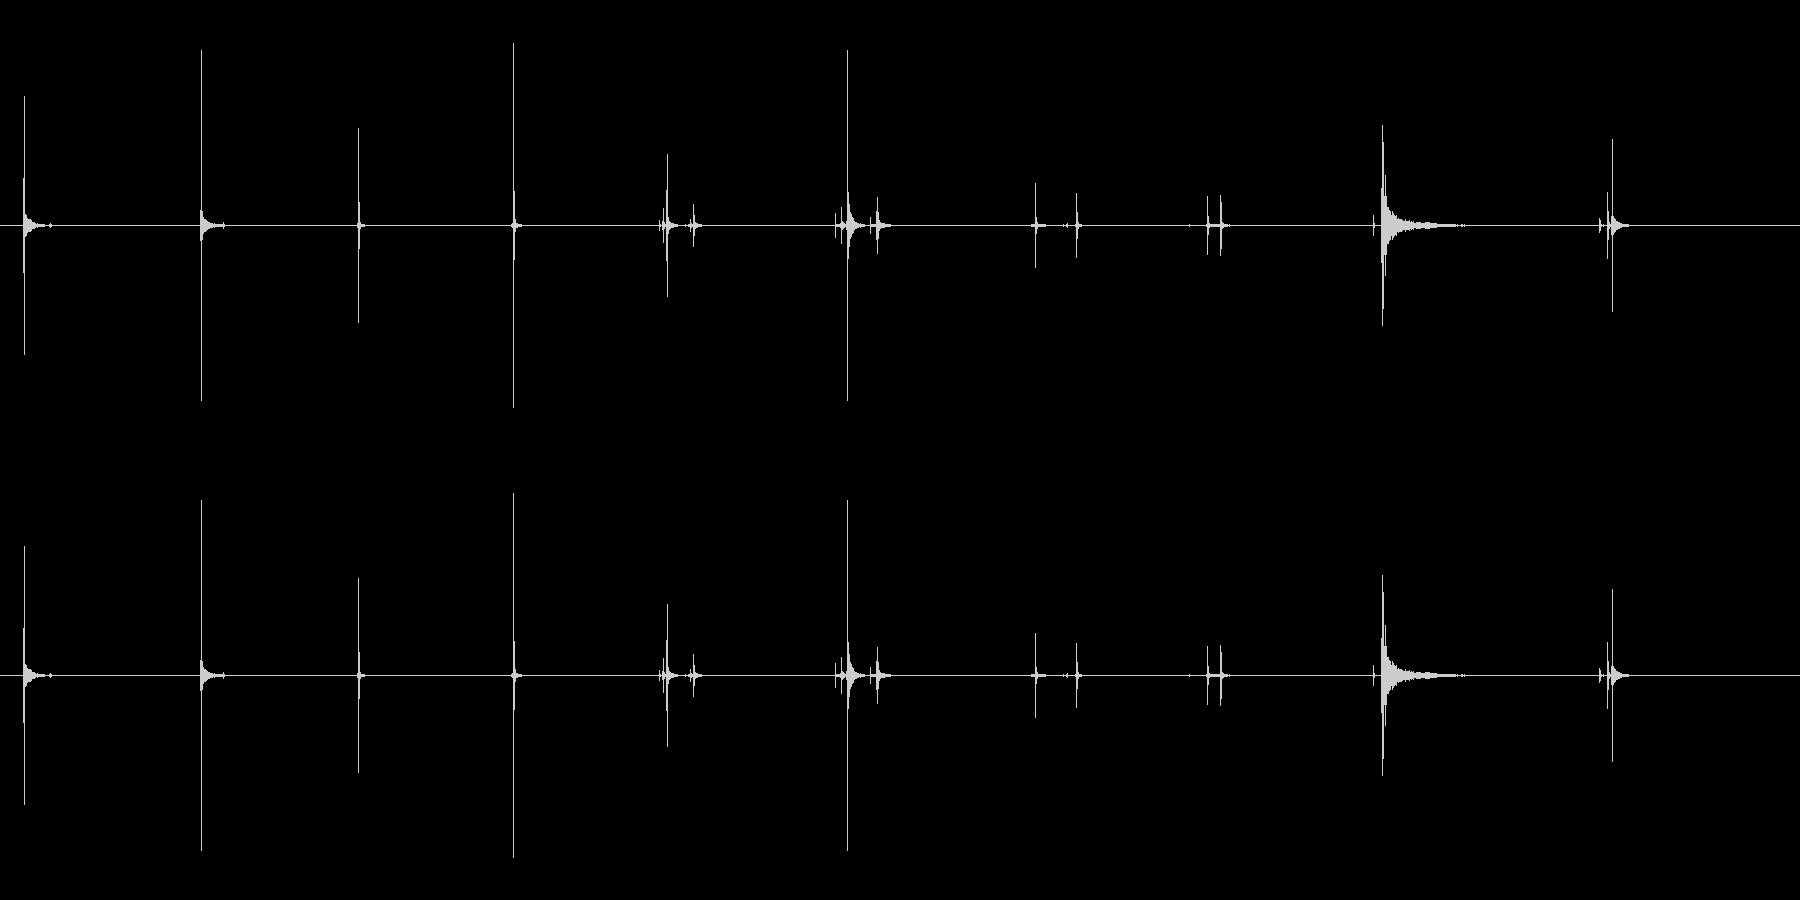 産業用プリンターの未再生の波形